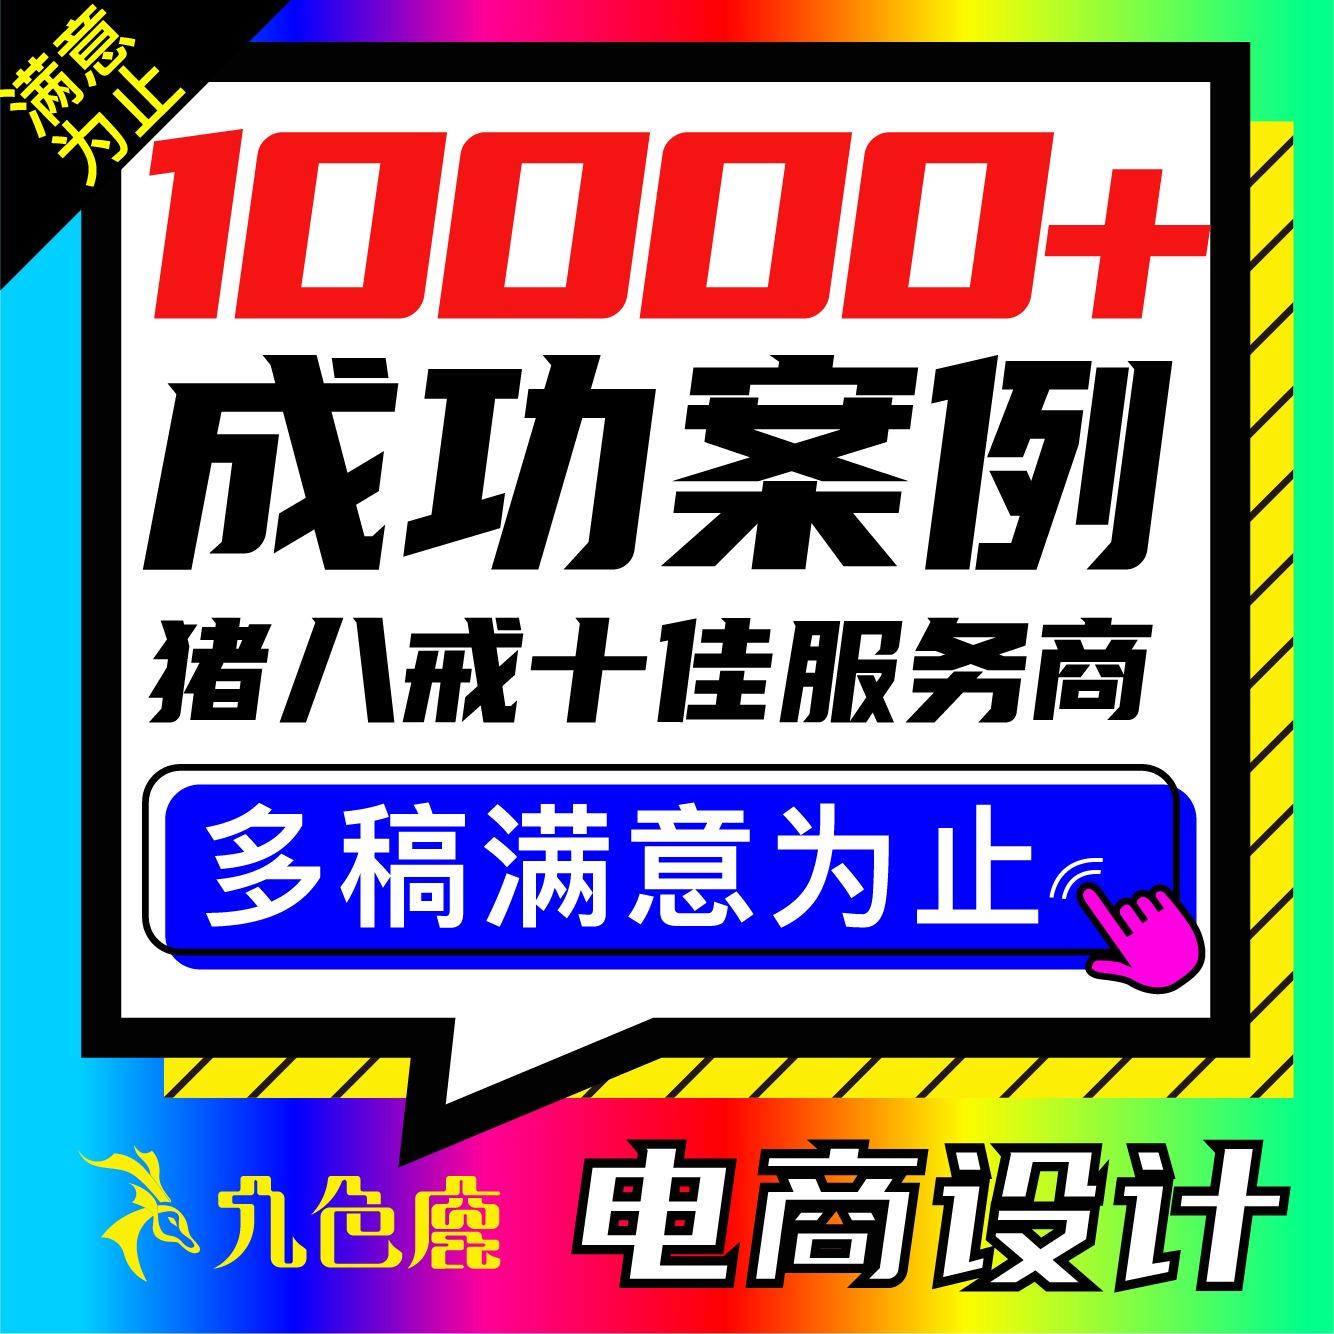 电商设计店铺装修详情页设计活动海报钻展主图banner店招